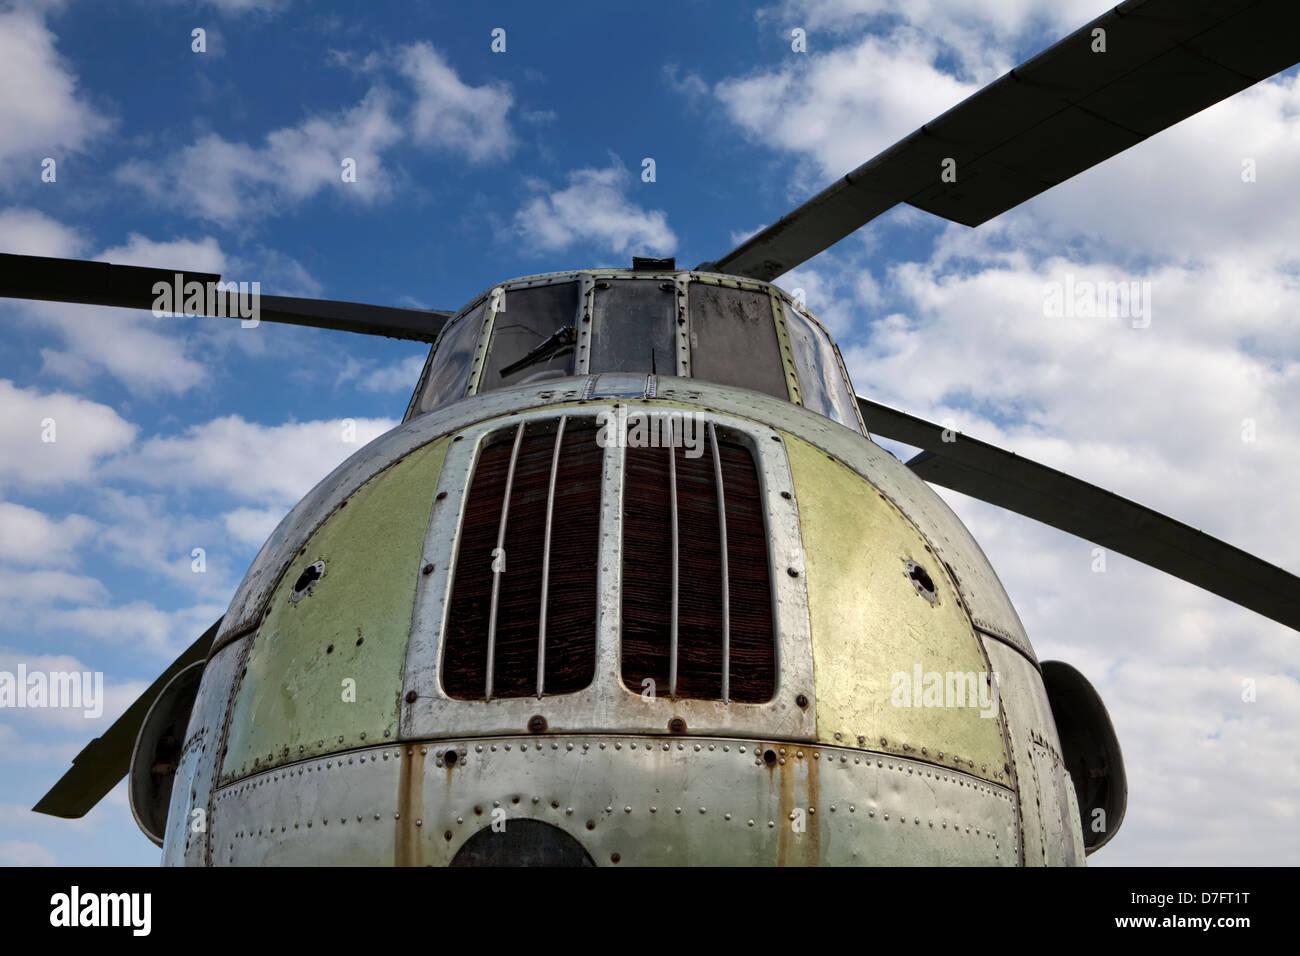 Aeroflot Mil Mi-4, helicópteros de transporte pesados aviones soviéticos, Colección Hermeskeil, Alemania, Imagen De Stock